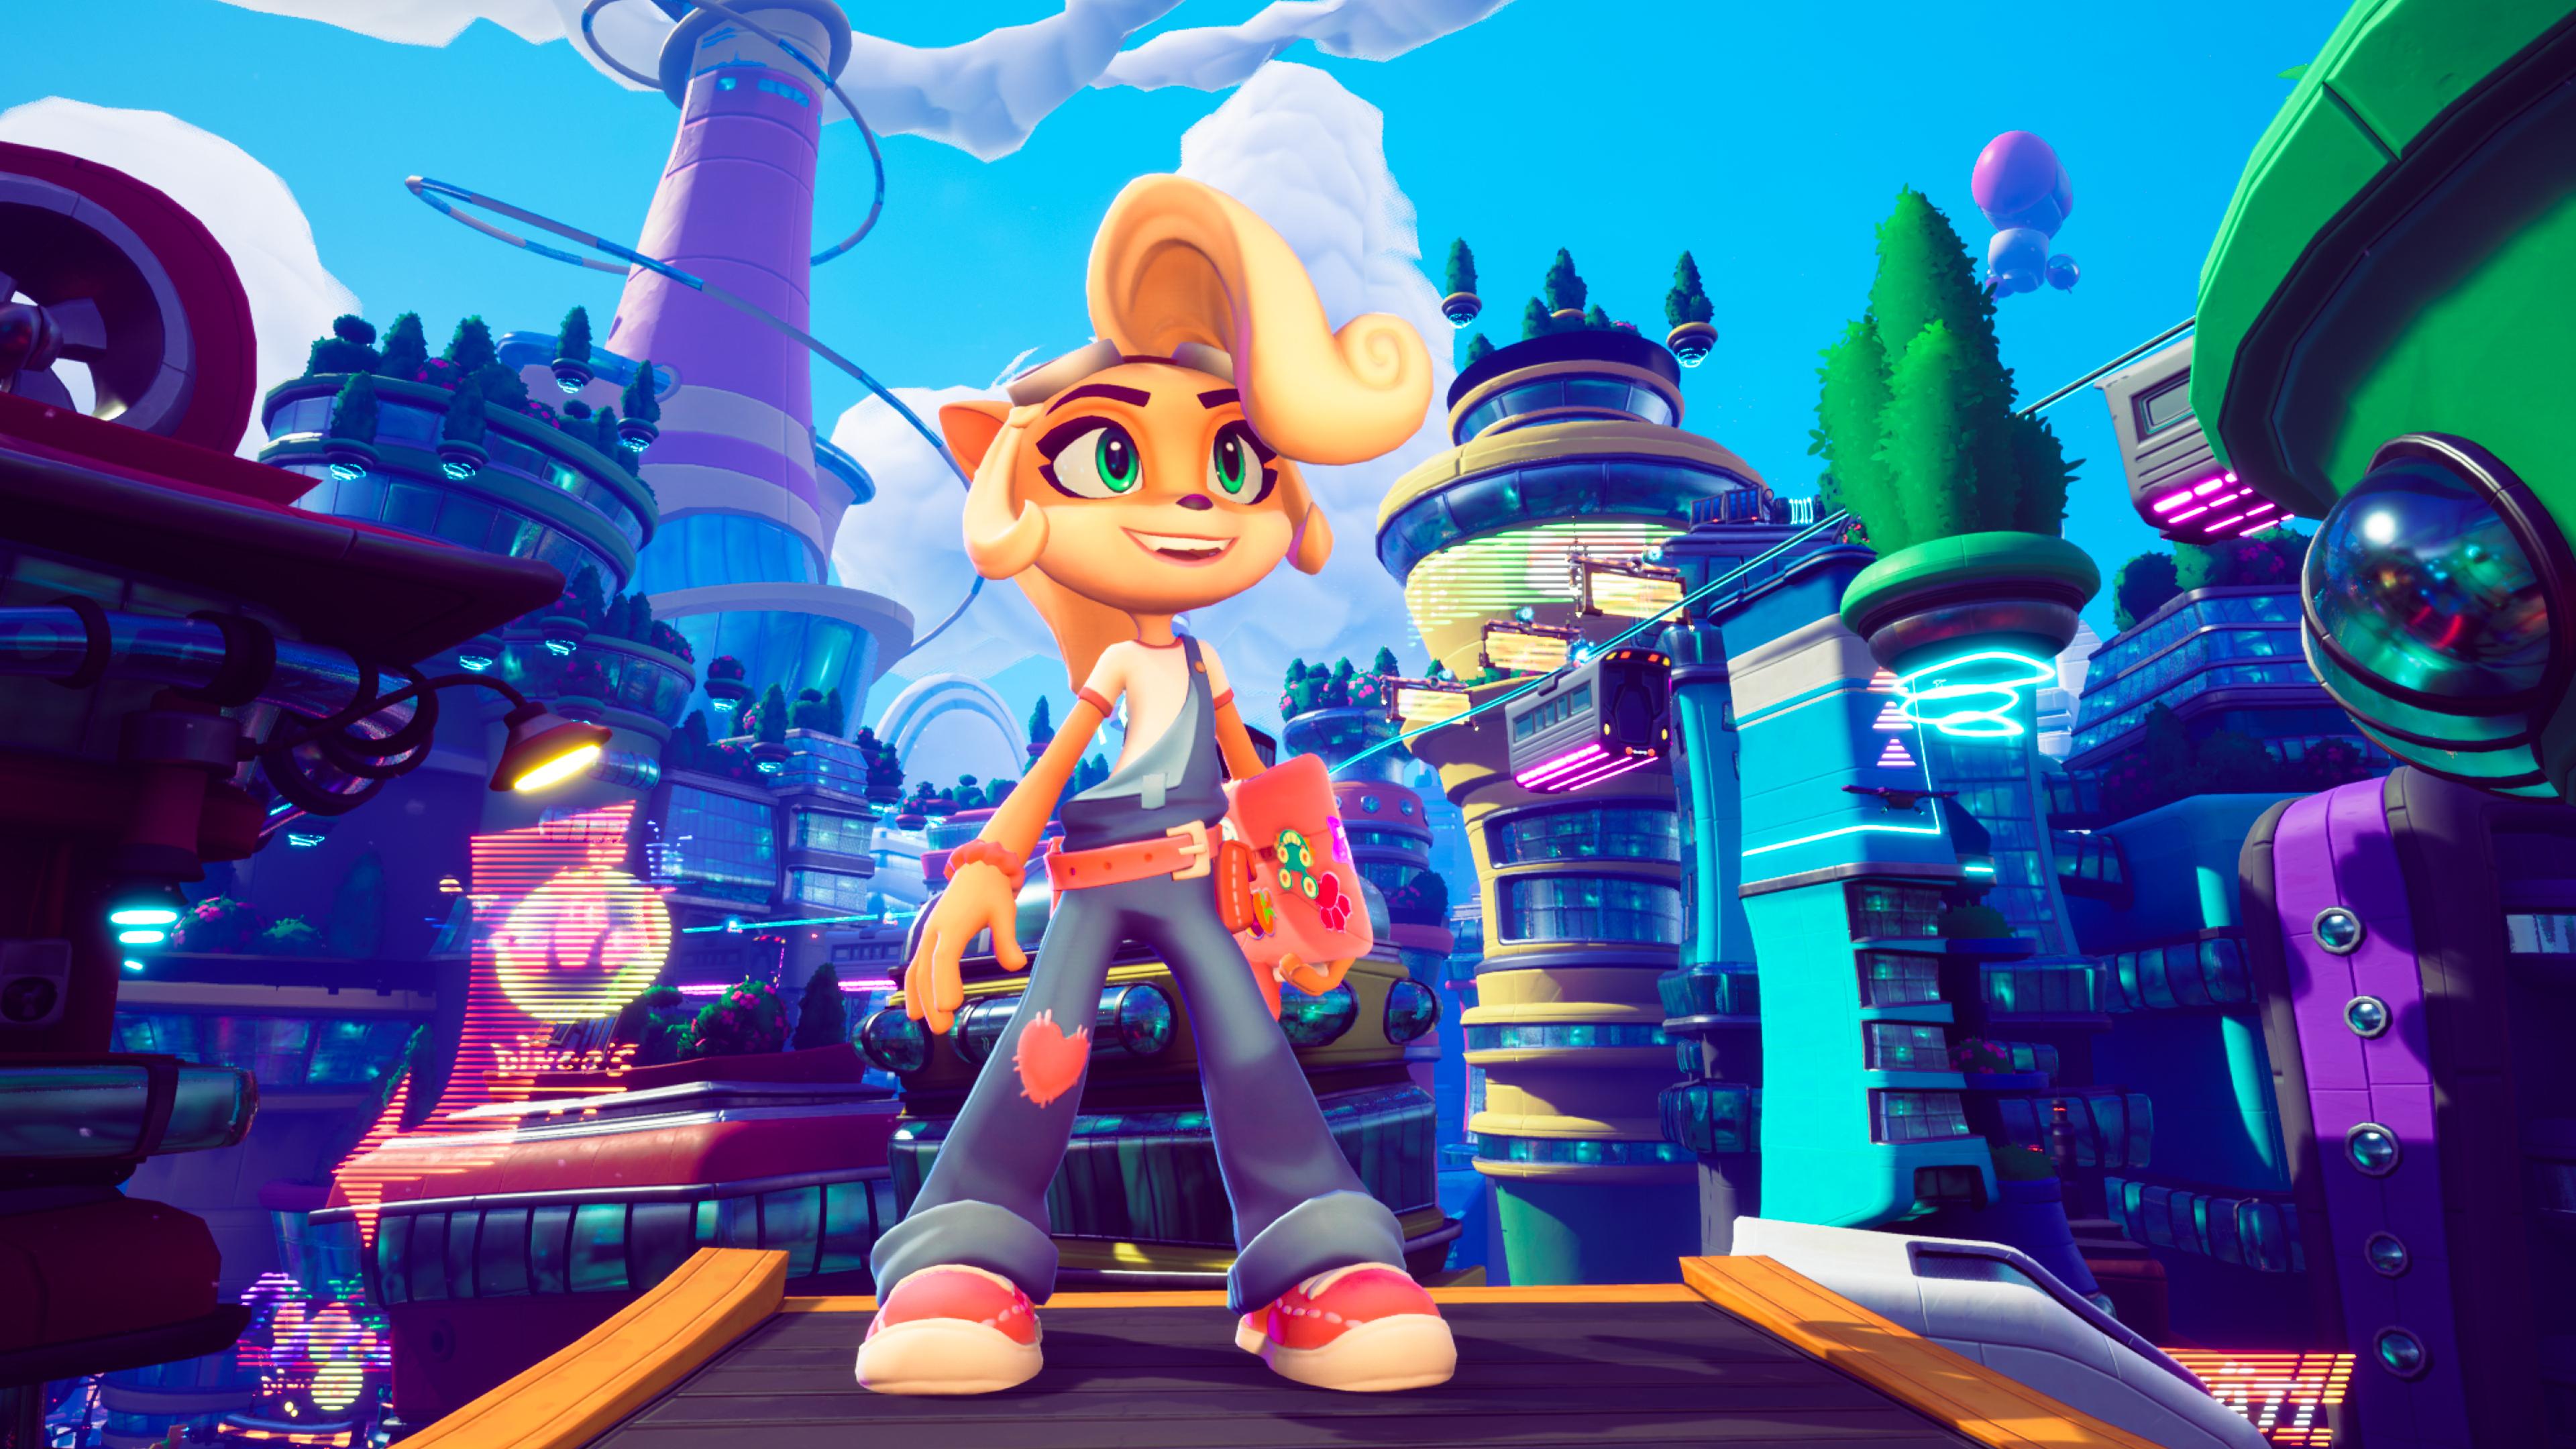 Скриншот №3 к Crash Bandicoot - юбилейный набор Crash